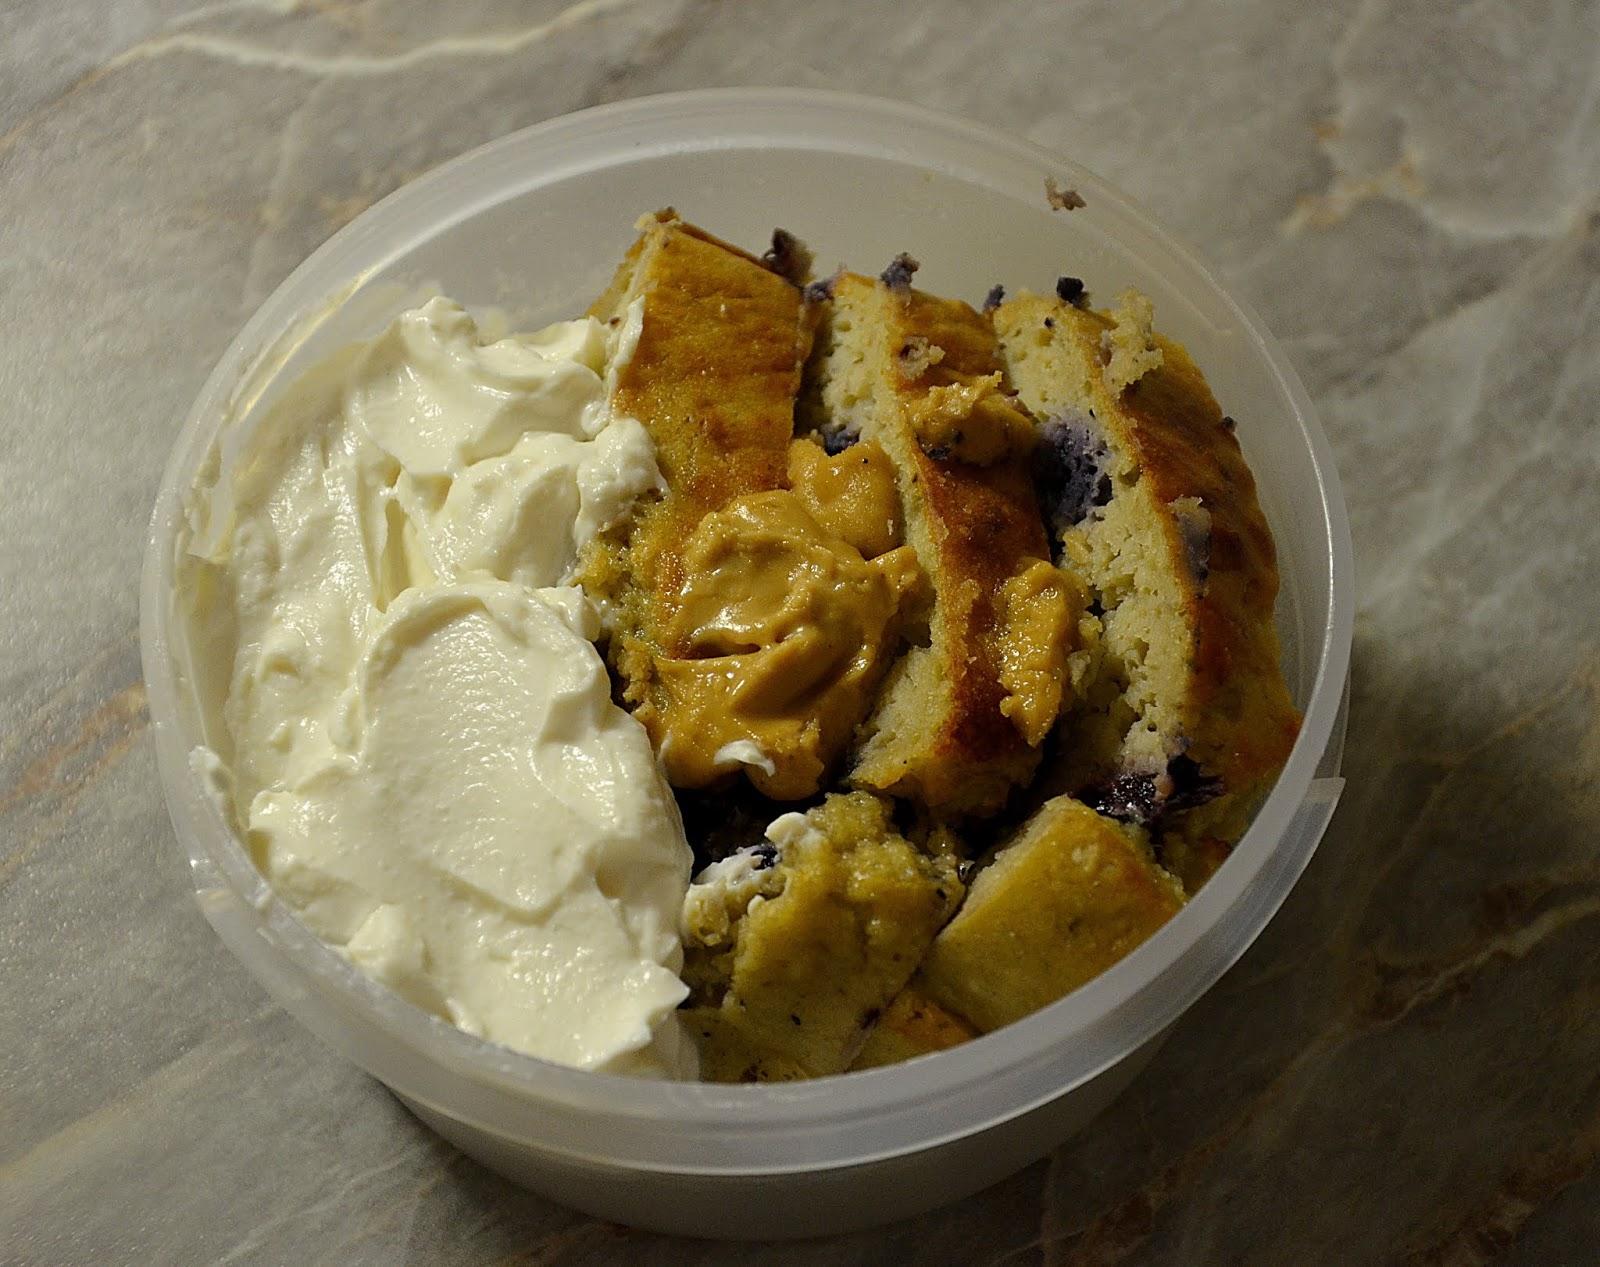 3dfc67a645 Snídaně  3 kousky banánového chleba s borůvkami (recept)